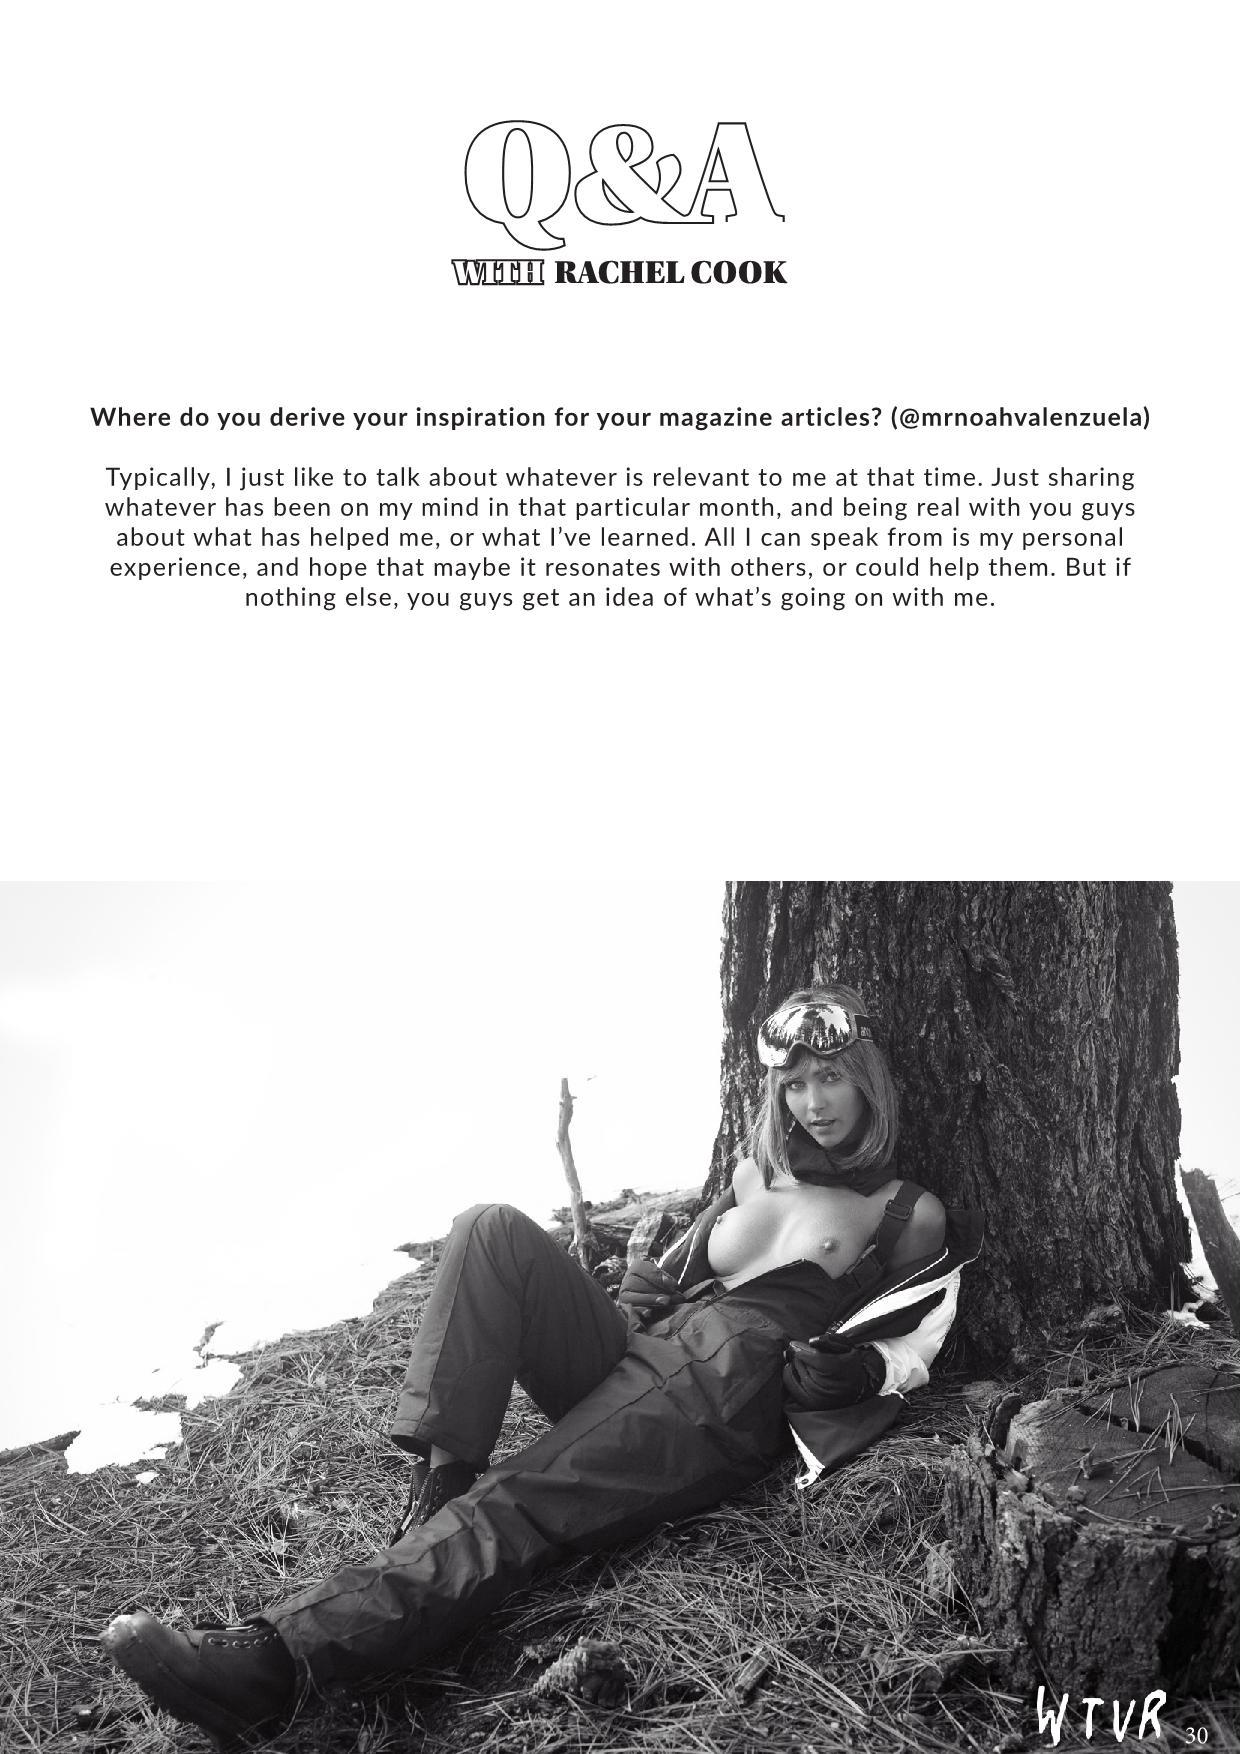 Rachel Cook, Alexis Rupp Nude – Wtvr Magazine №3 0028